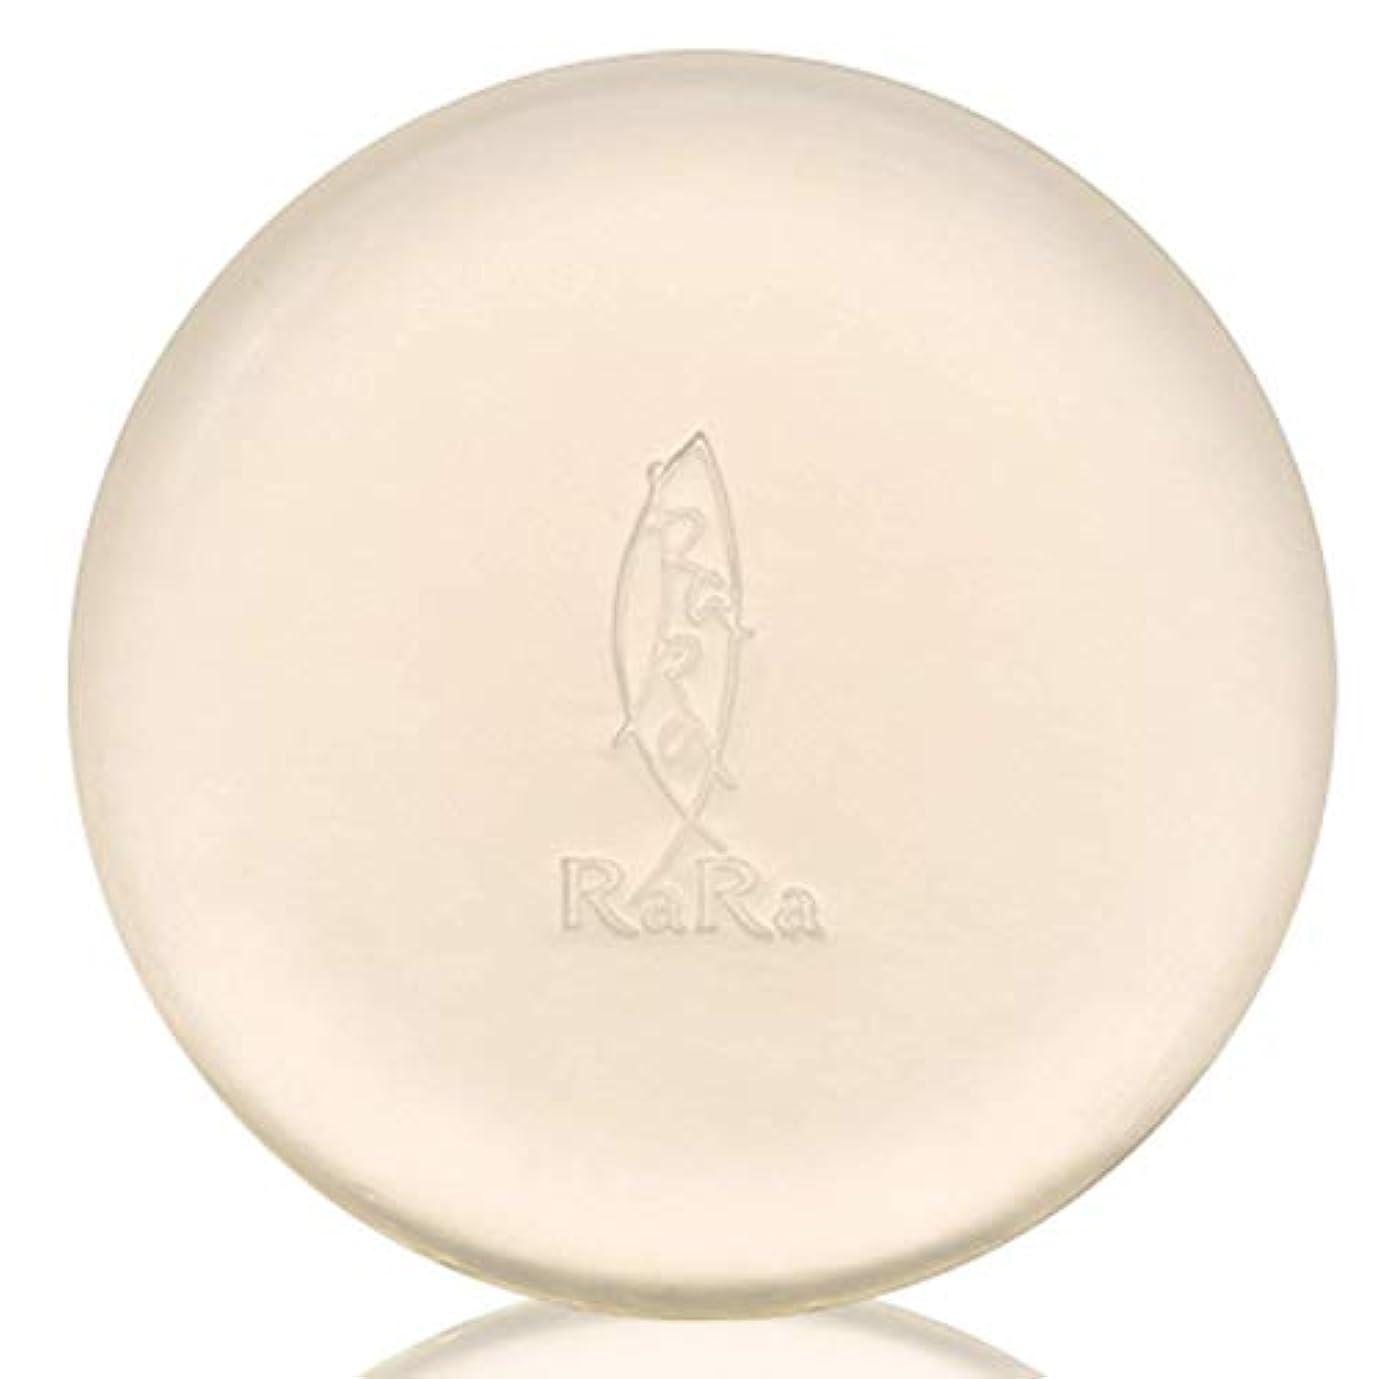 オプションガラスなしで天使のララ【ソープ 100g】高純度コラーゲン 天使のララ配合 濃密泡 洗浄力 保湿力 弱酸性 しっとり 潤い 高品質 エミネット正規